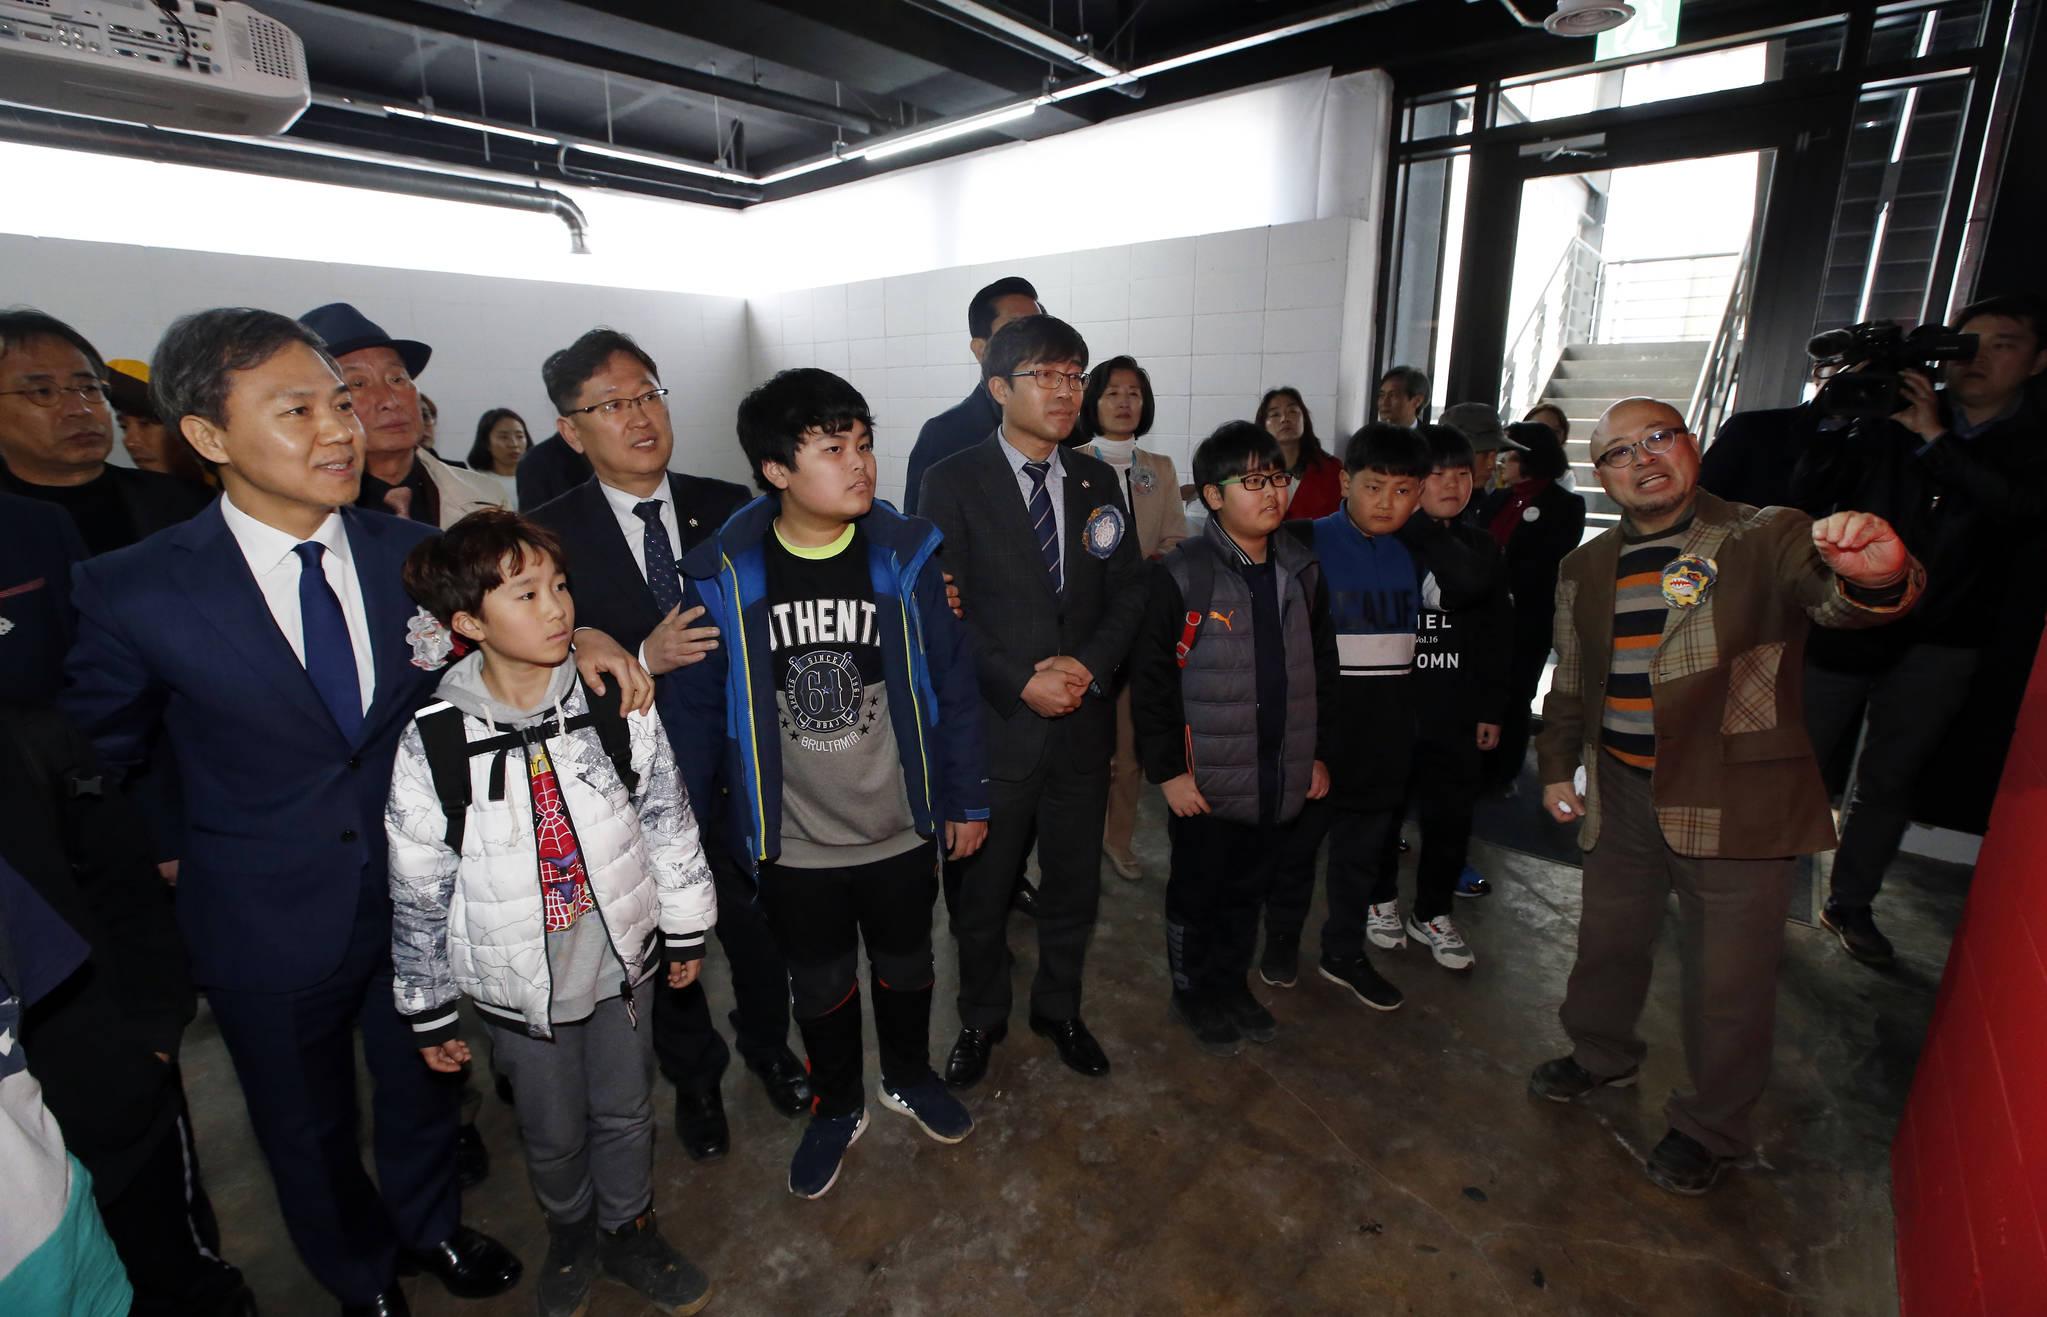 김승수 전주시장(사진 왼쪽) 등 관객들이 팔복예술공장에 전시된 작품들을 감상하고 있다. [사진 전주시]